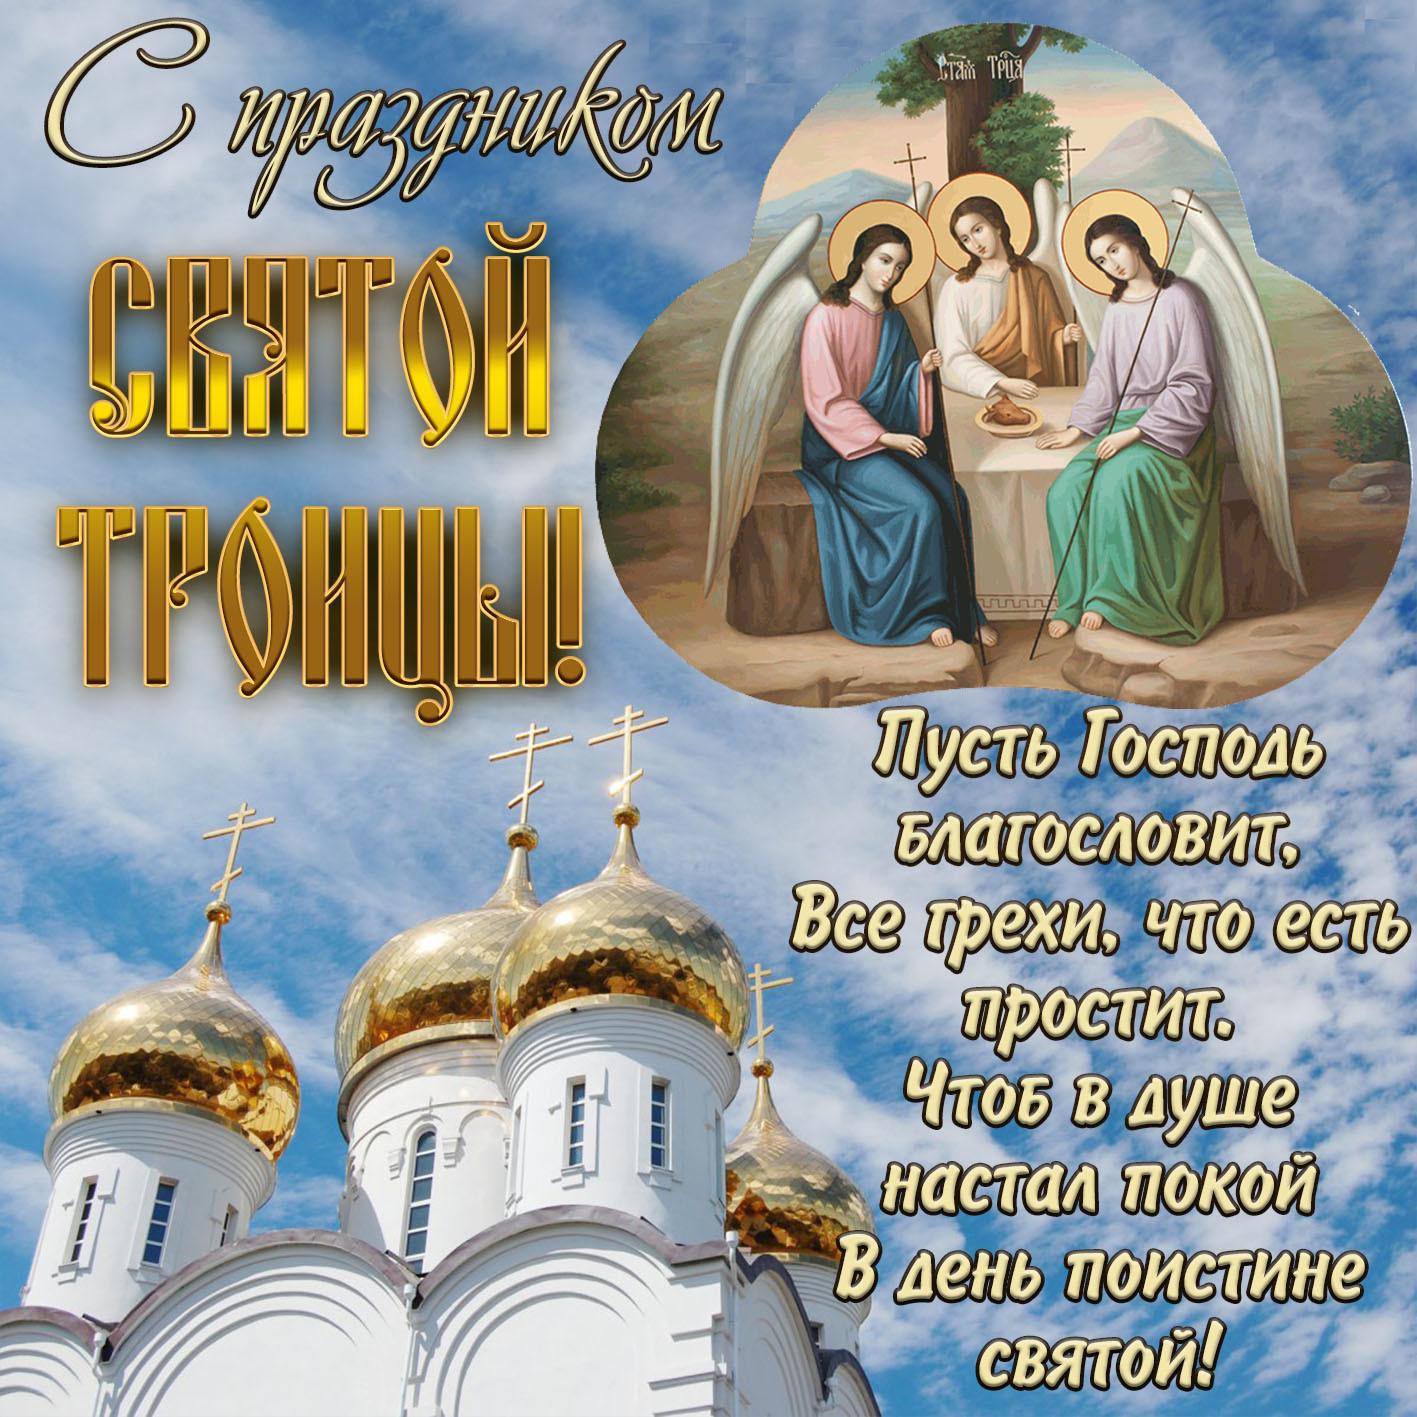 Открытки, послать поздравительную открытку с праздником троицы